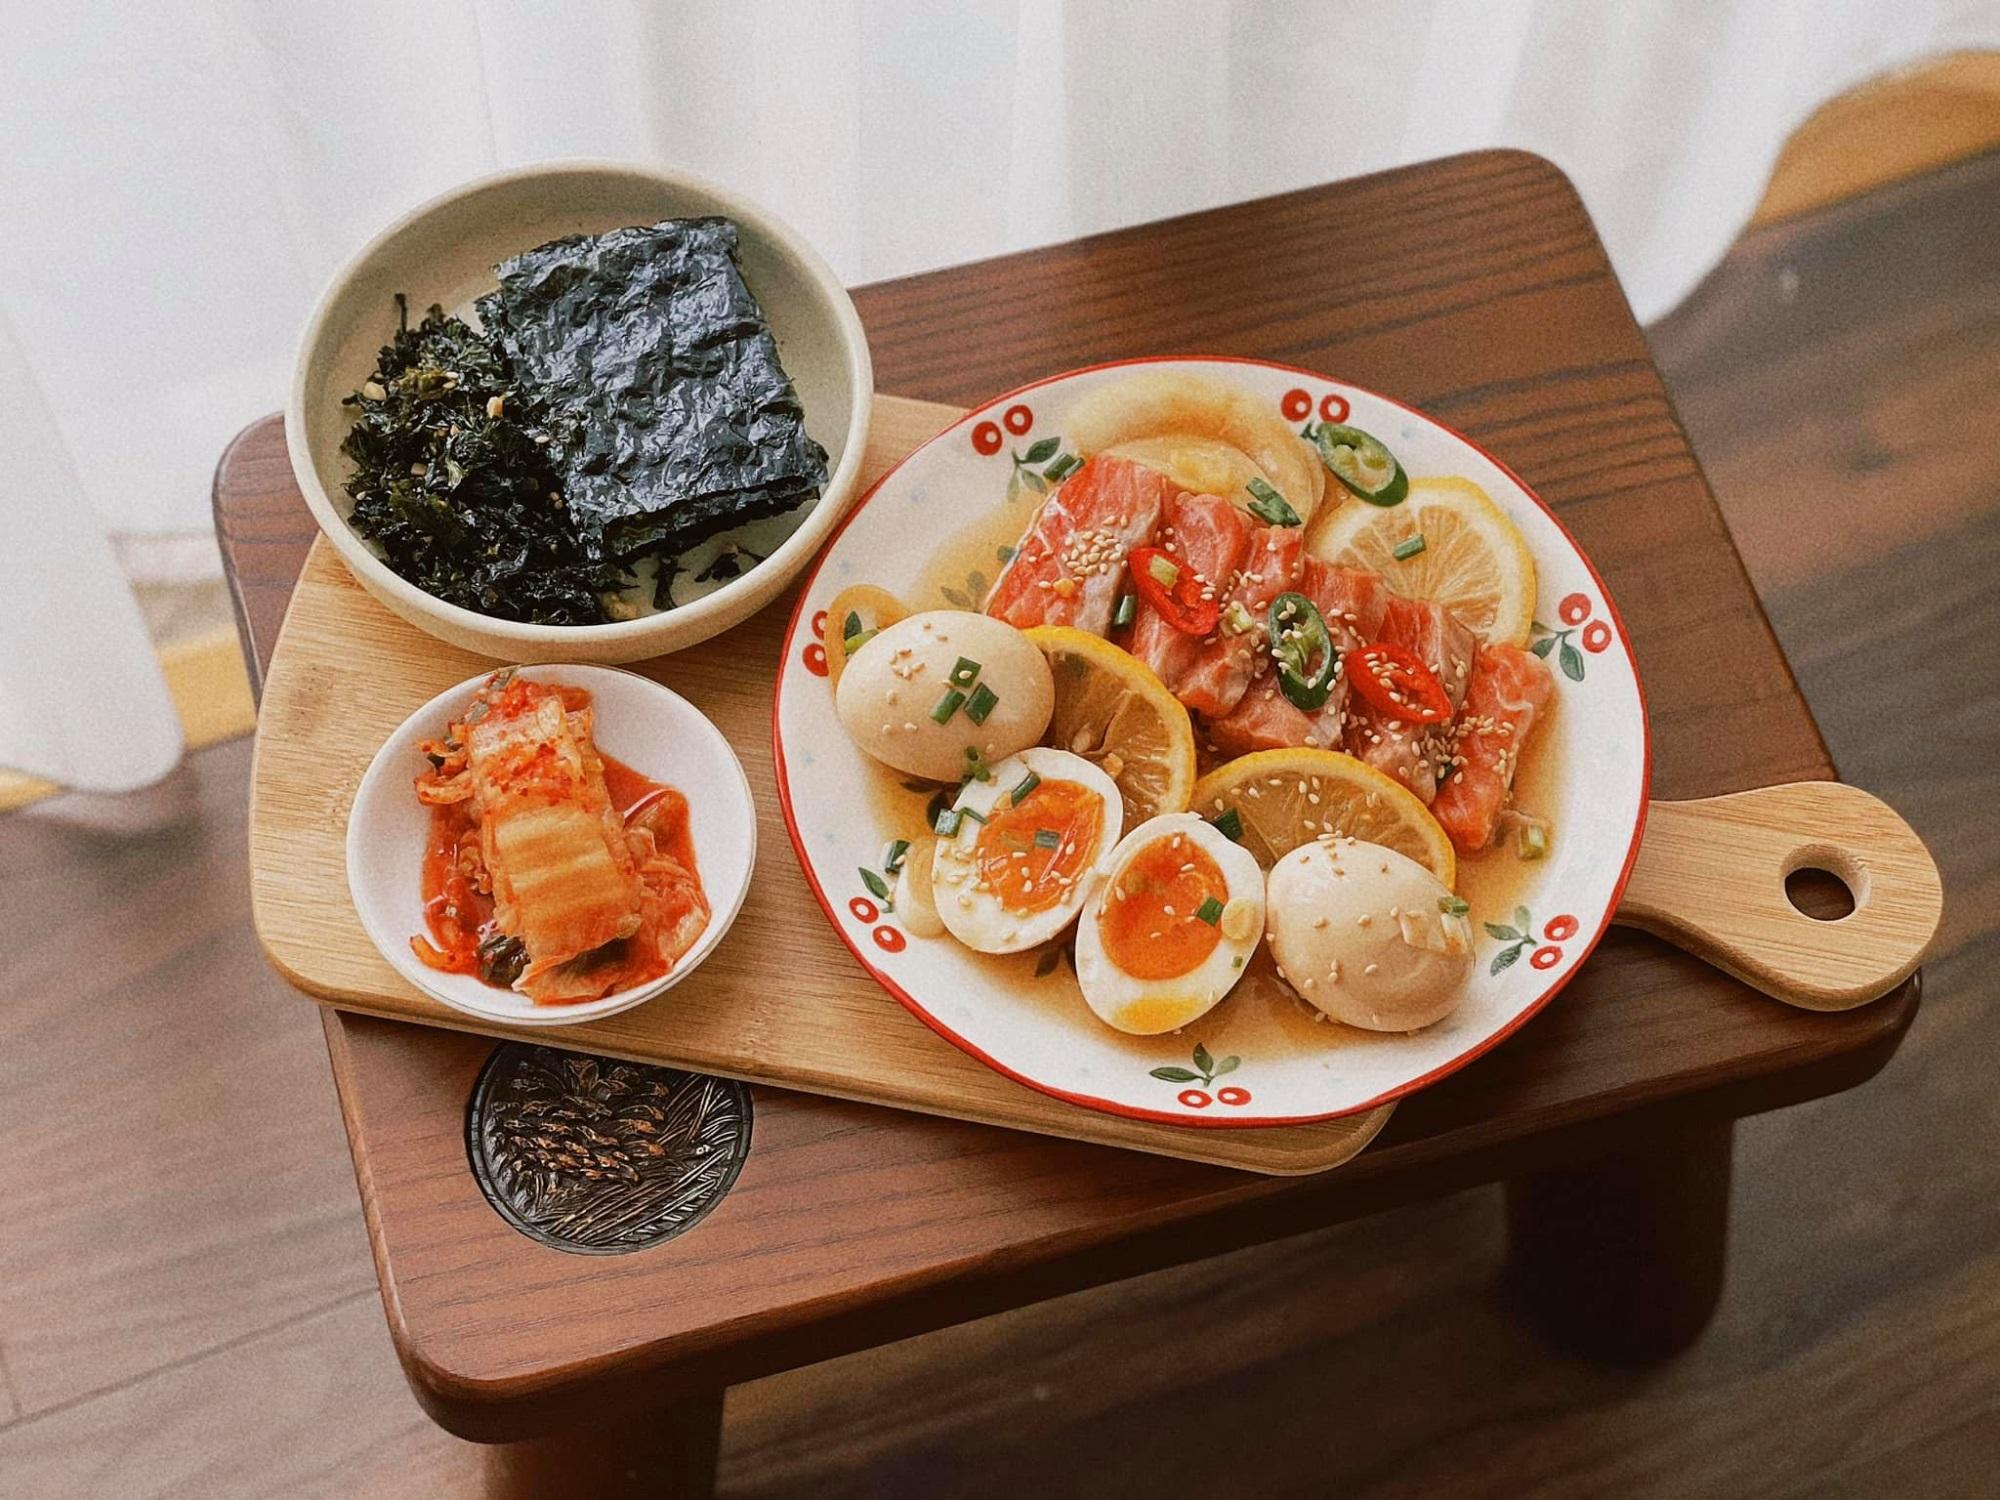 Cách làm cá hồi ngâm tương đậm vị, đưa cơm - ăn một miếng 'tay chân quắn quéo' vì quá ngon - Ảnh 6